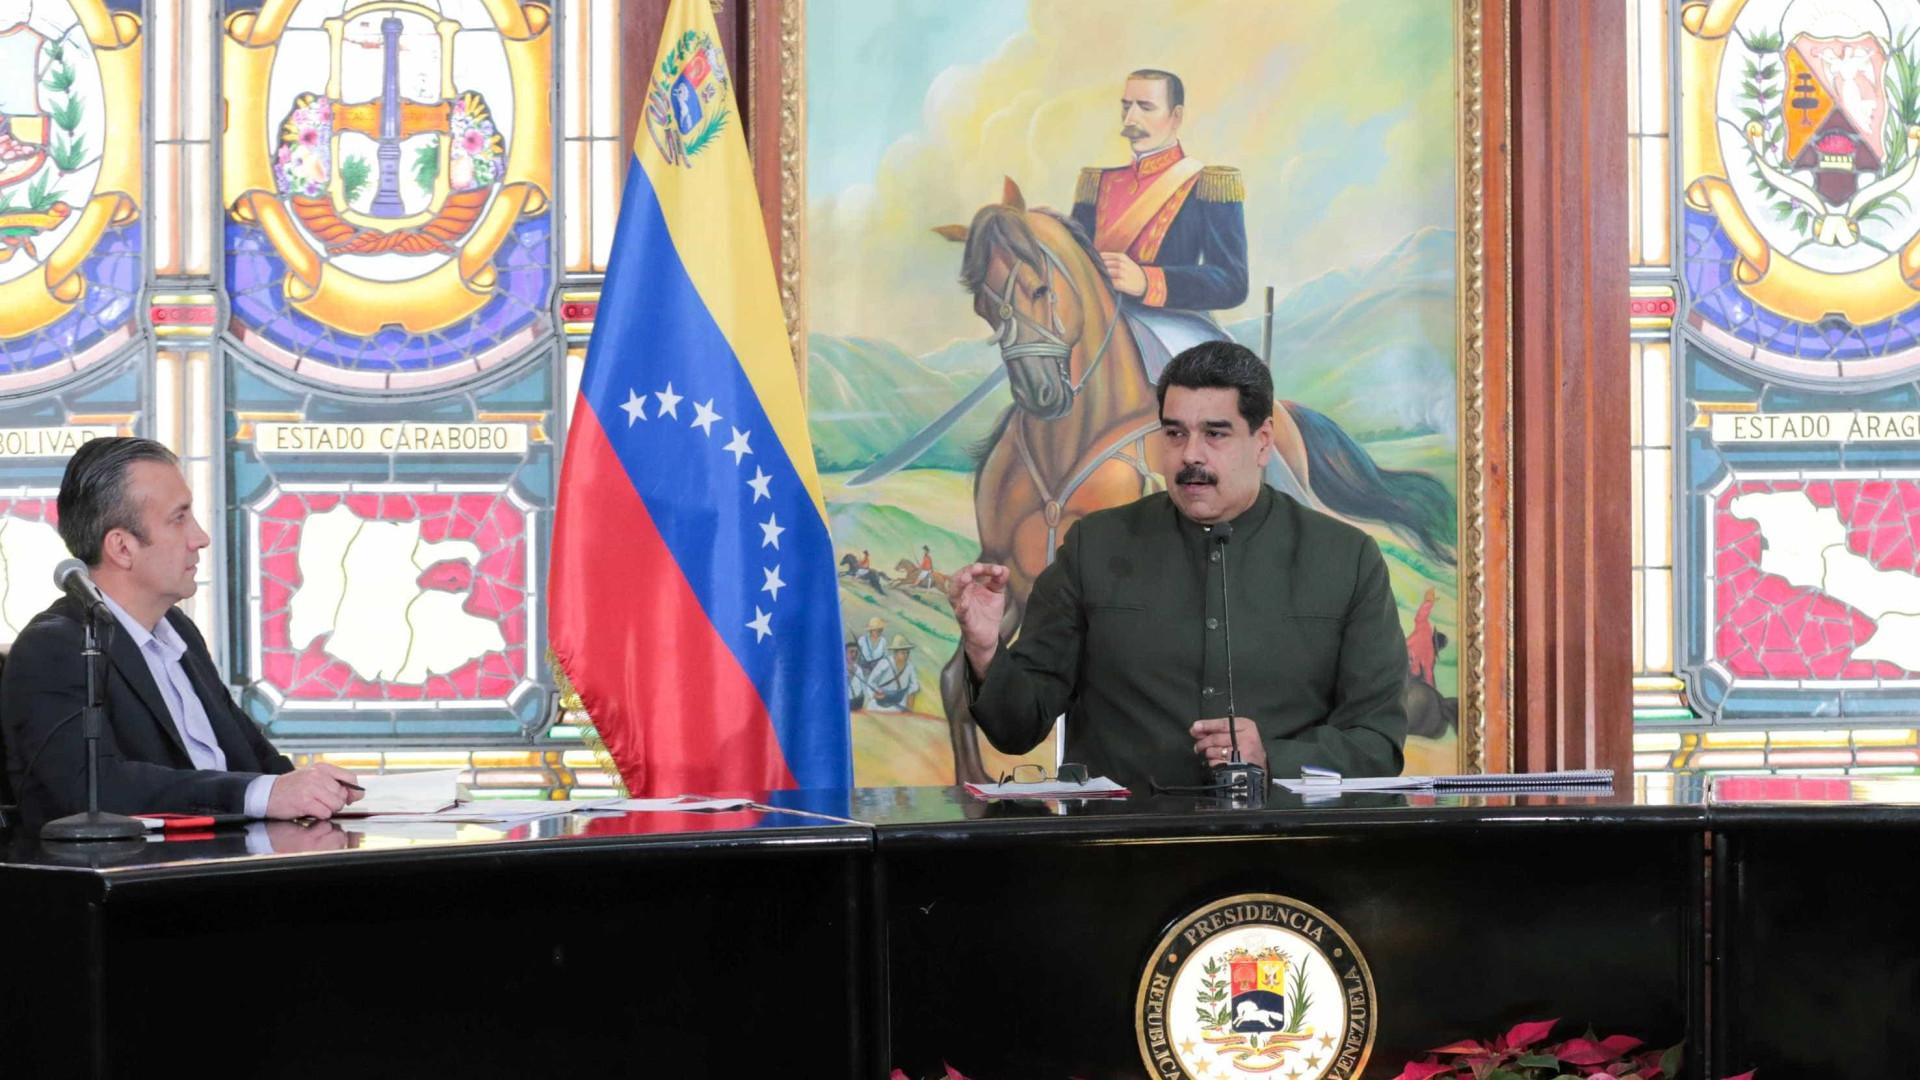 União Europeia aprova novas sanções contra a Venezuela